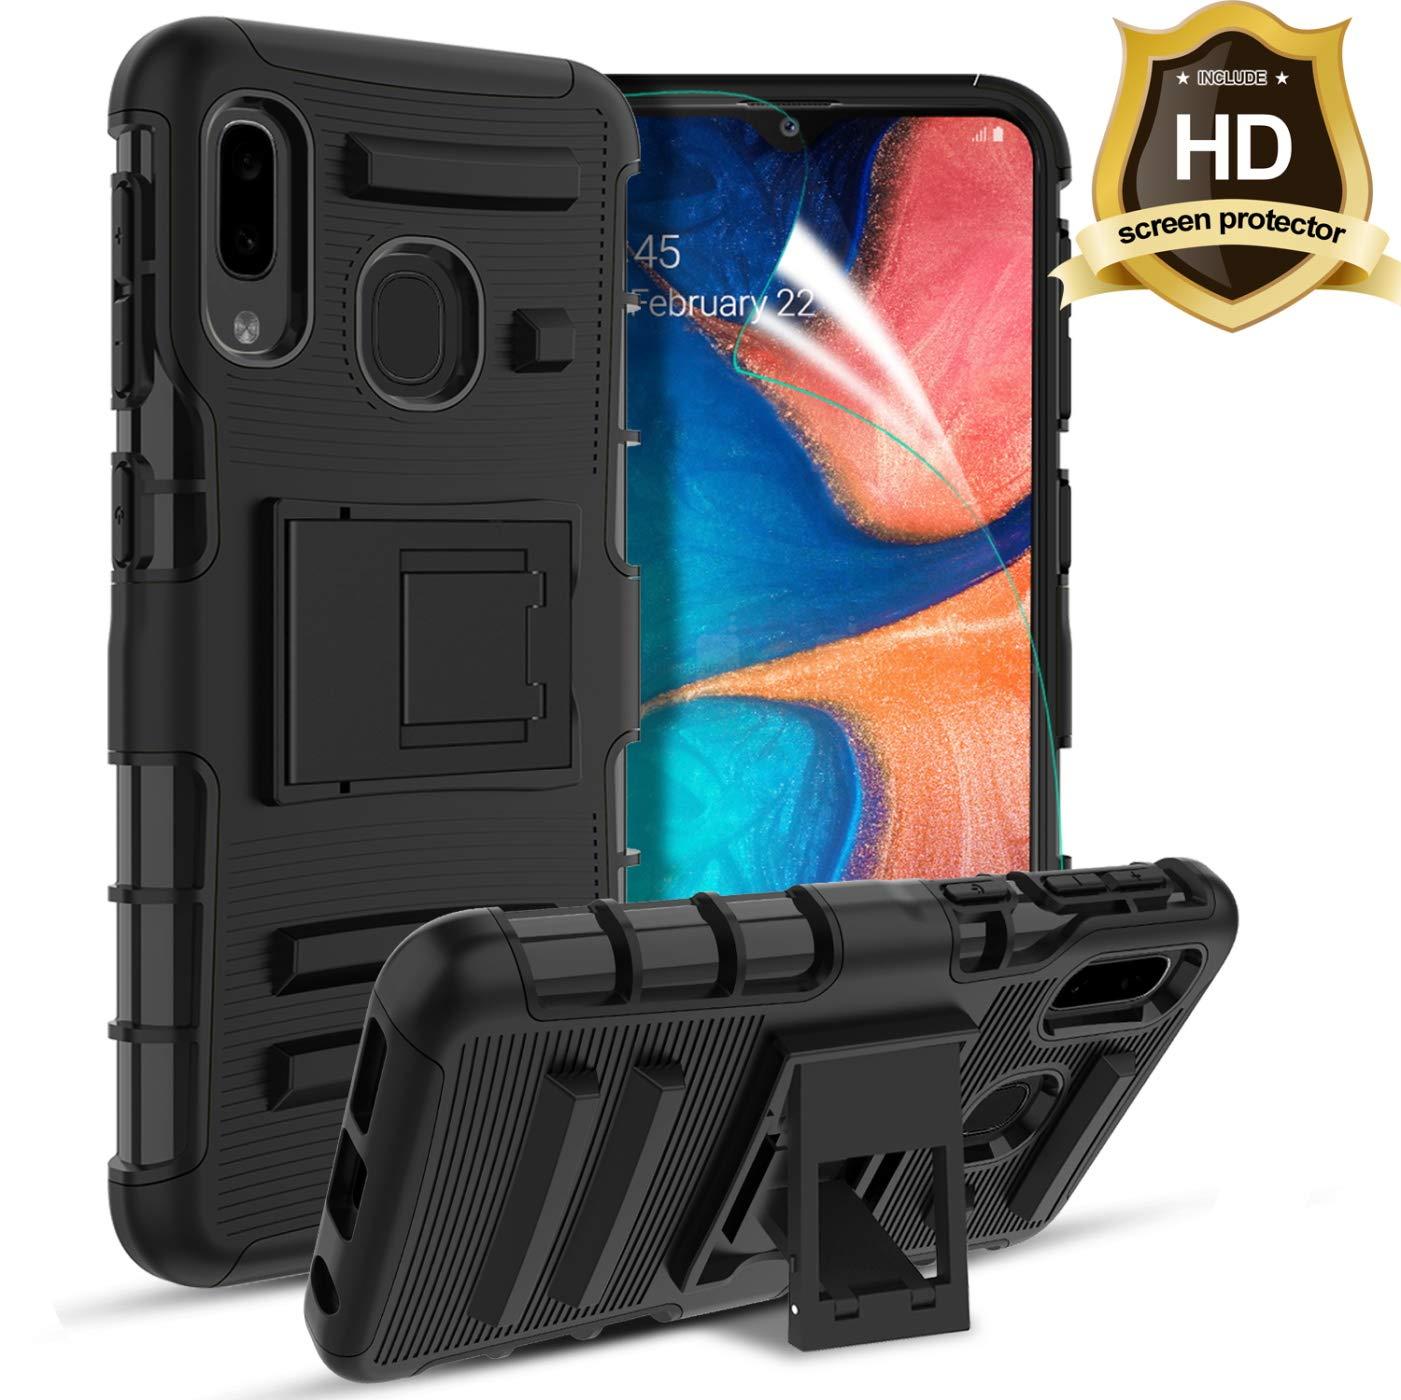 Funda + Vidrio Para Samsung Galaxy A10 Con Pie Tgood [7tx57fvp]